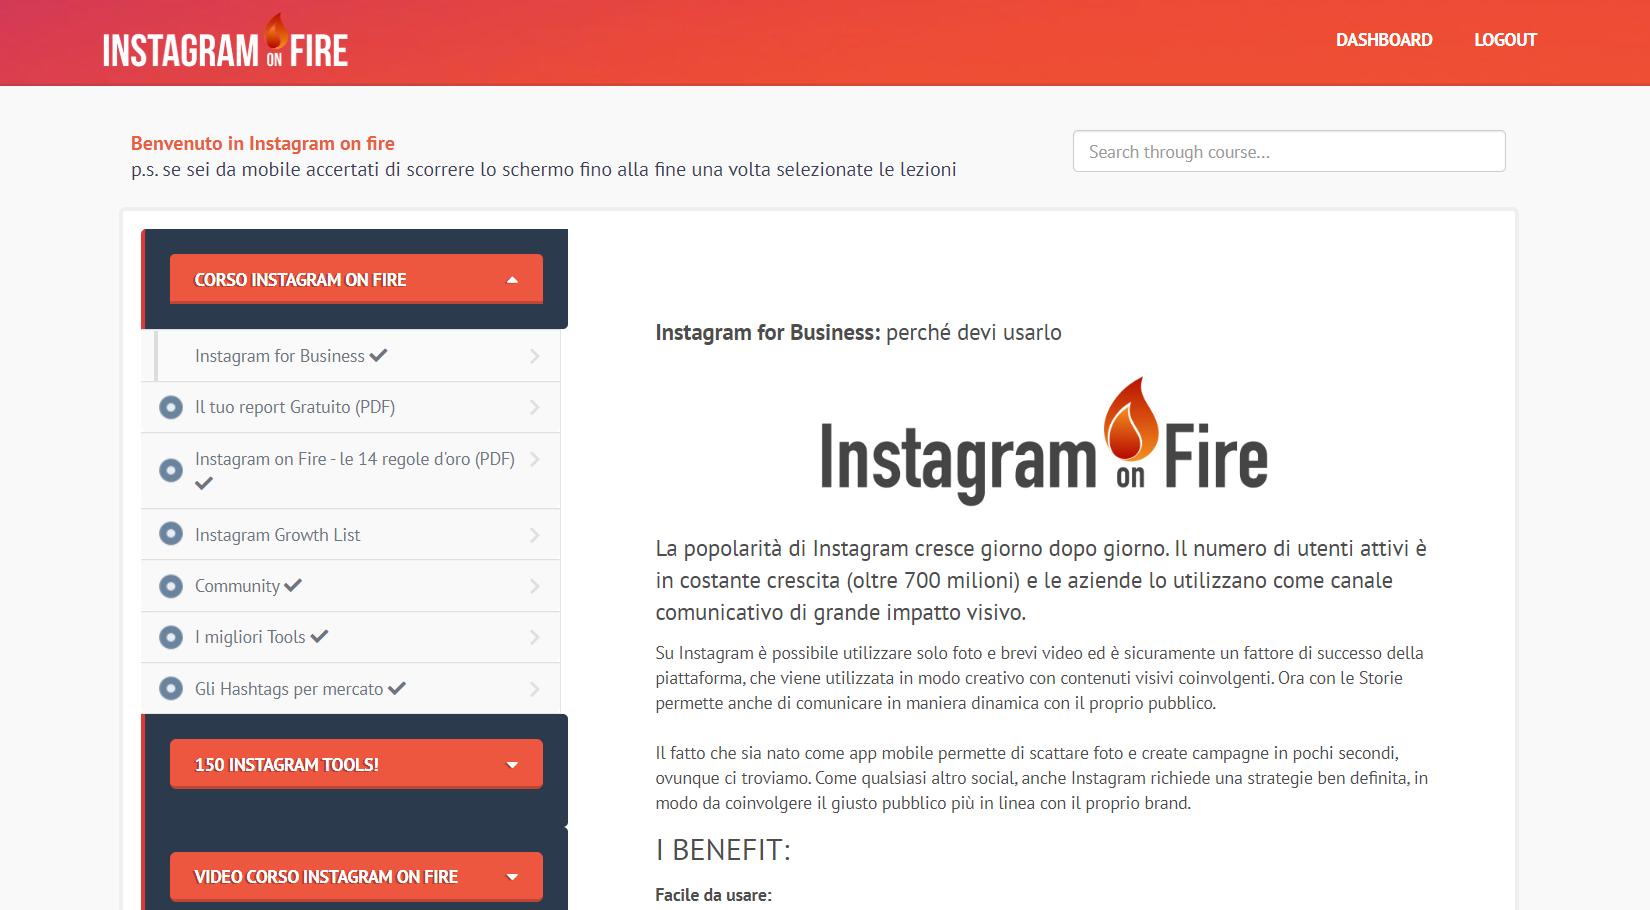 instagram on fire dahsboard